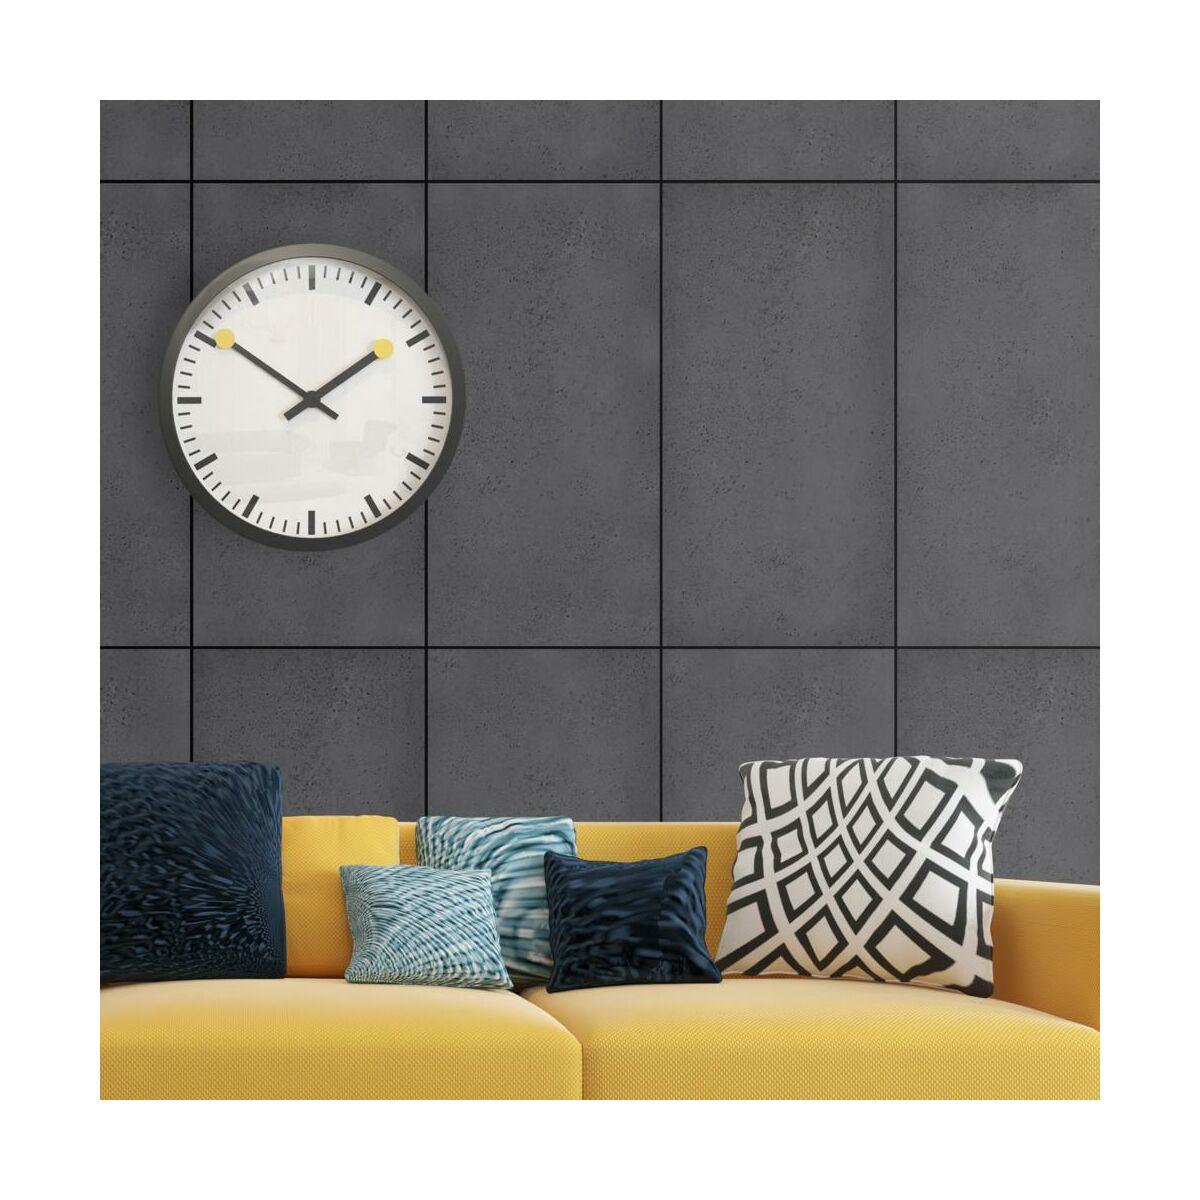 Beton Architektoniczny Grafit 40 X 80 Cm Steinblau Kamien Elewacyjny I Dekoracyjny W Atrakcyjnej Cenie W Sklepach Leroy Merlin